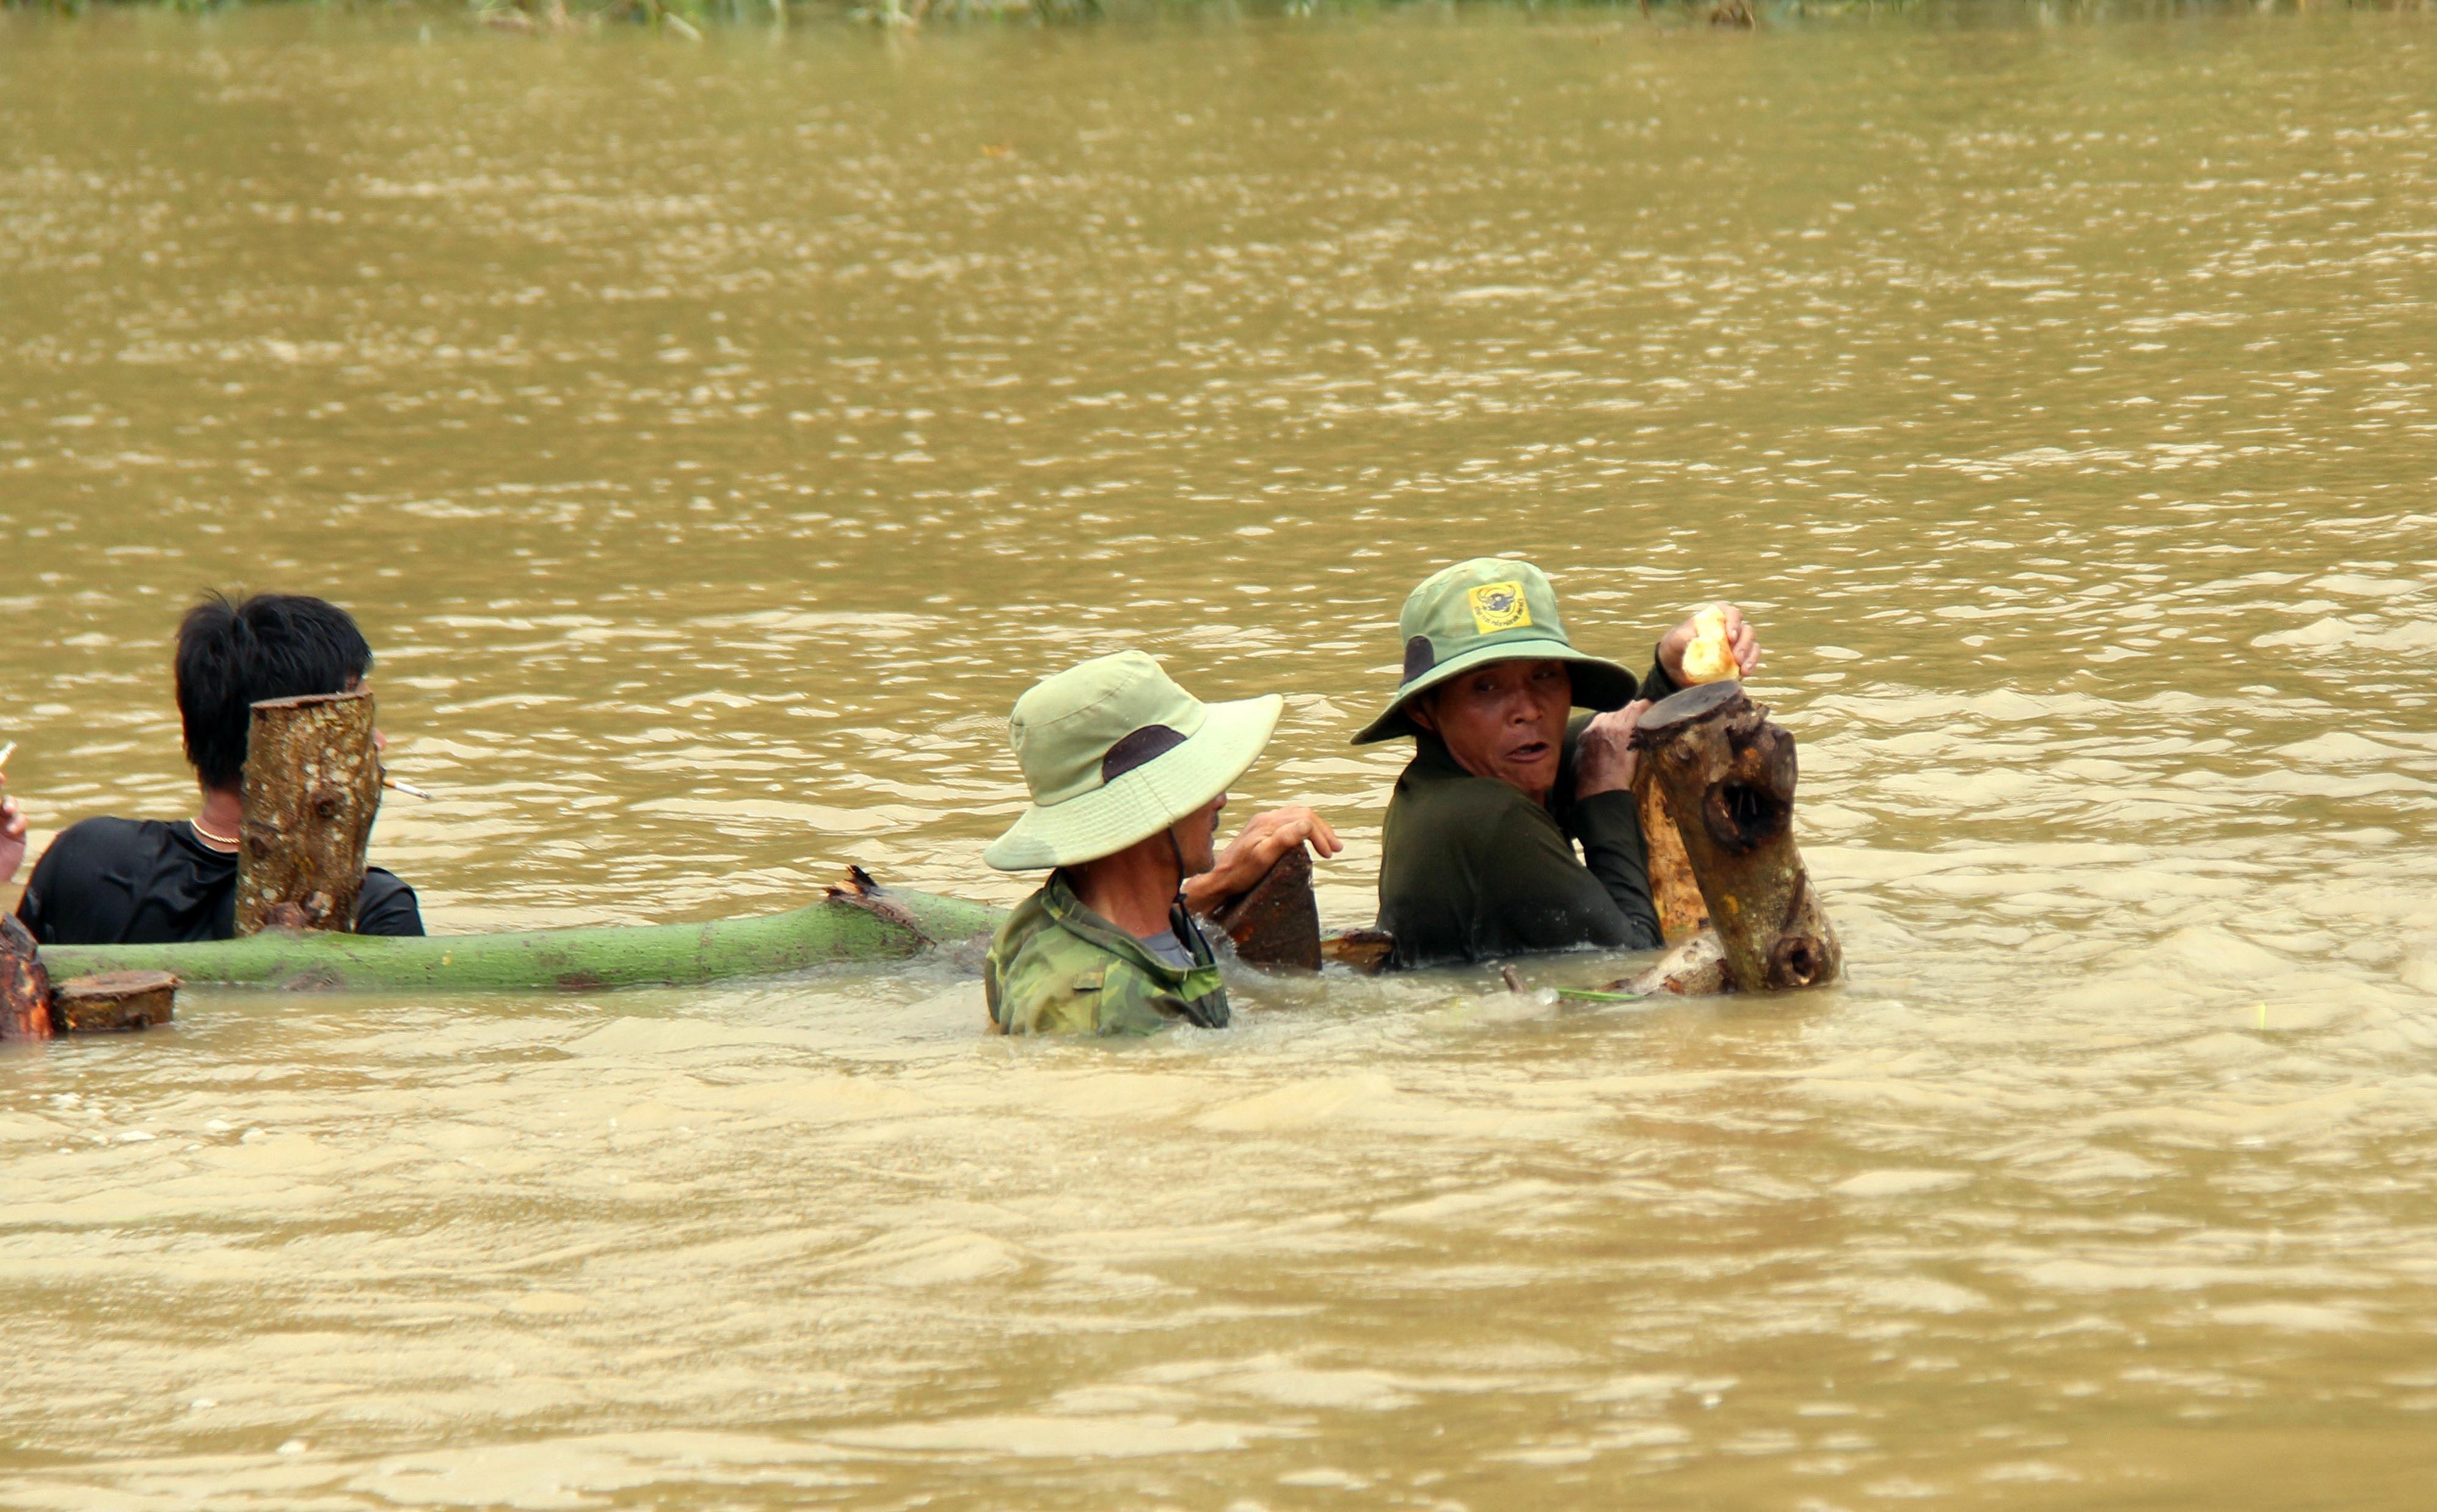 Vỡ đê, hàng trăm người dân trầm mình cứu đồng lúa Ảnh 8